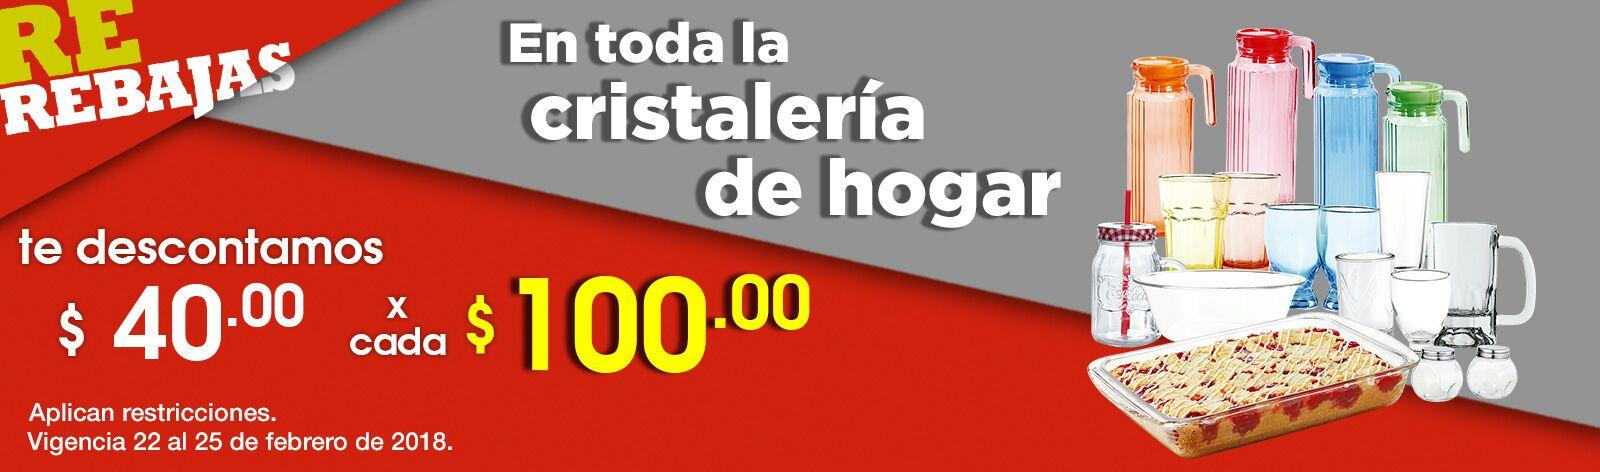 Comercial Mexicana y MEGA: $40 de descuento por cada $100 en toda la cristalería de hogar